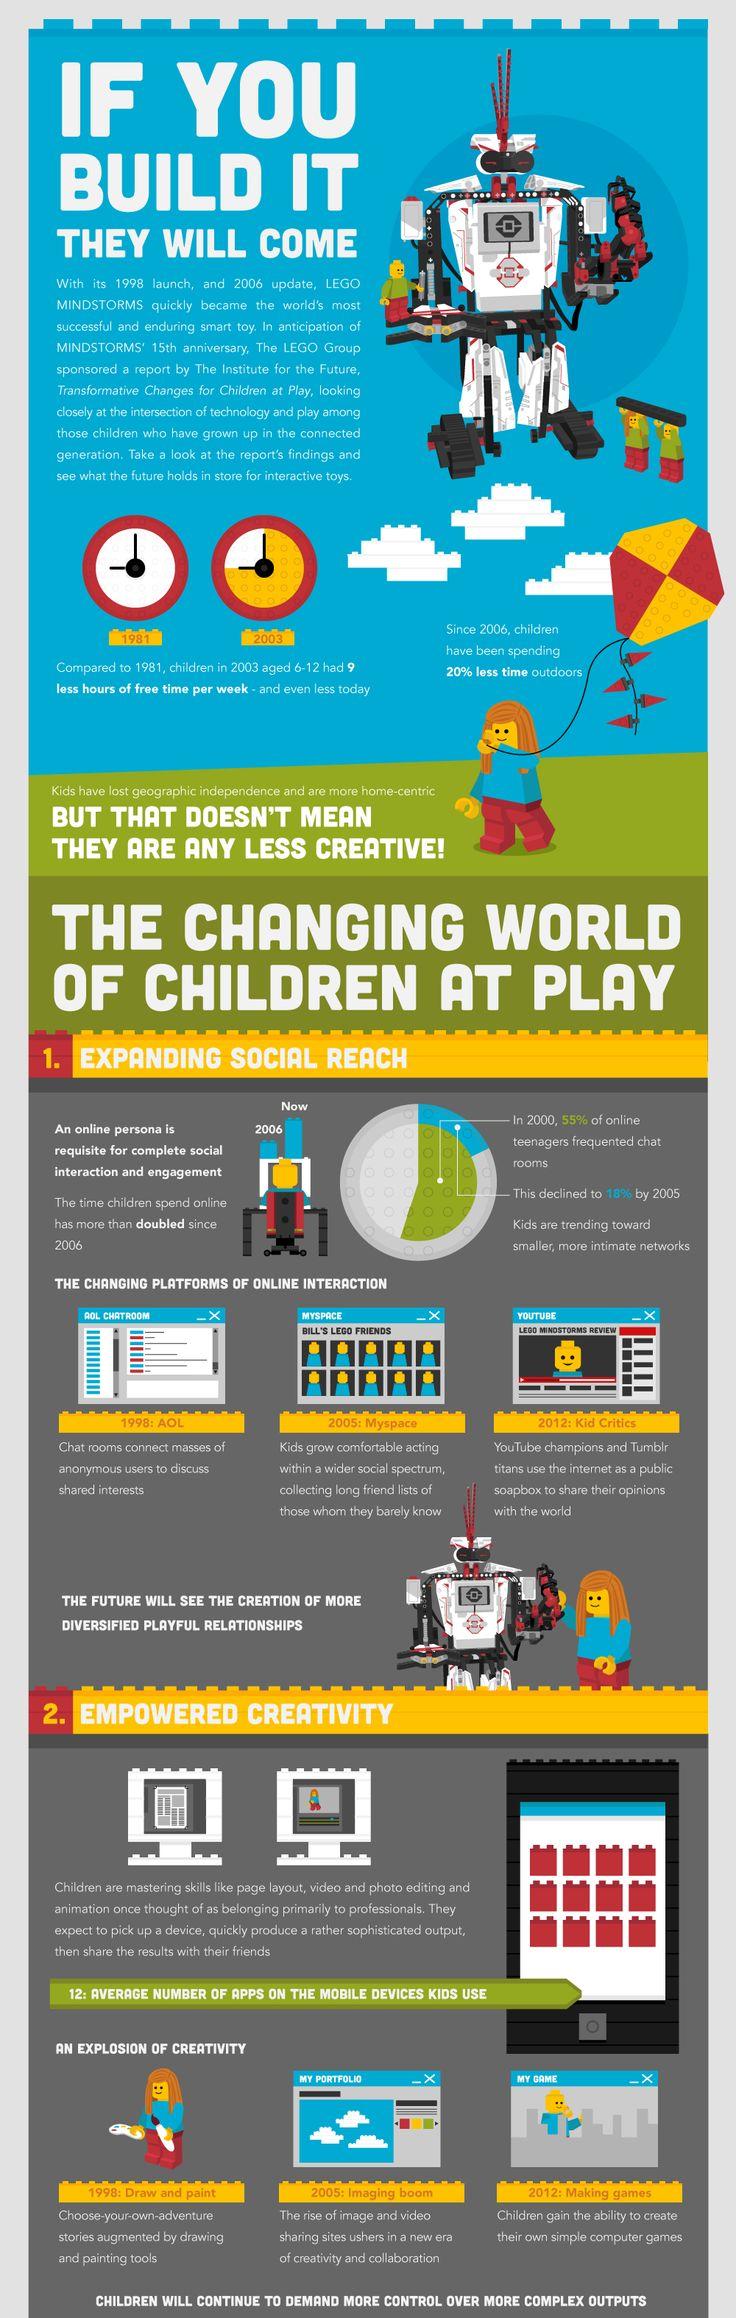 LEGO MINDSTORMS Infographic. On ne se refait pas ;-) Pour la petite histoire, j'ai enseigné la robotique en collège grâce à des Mindstorms